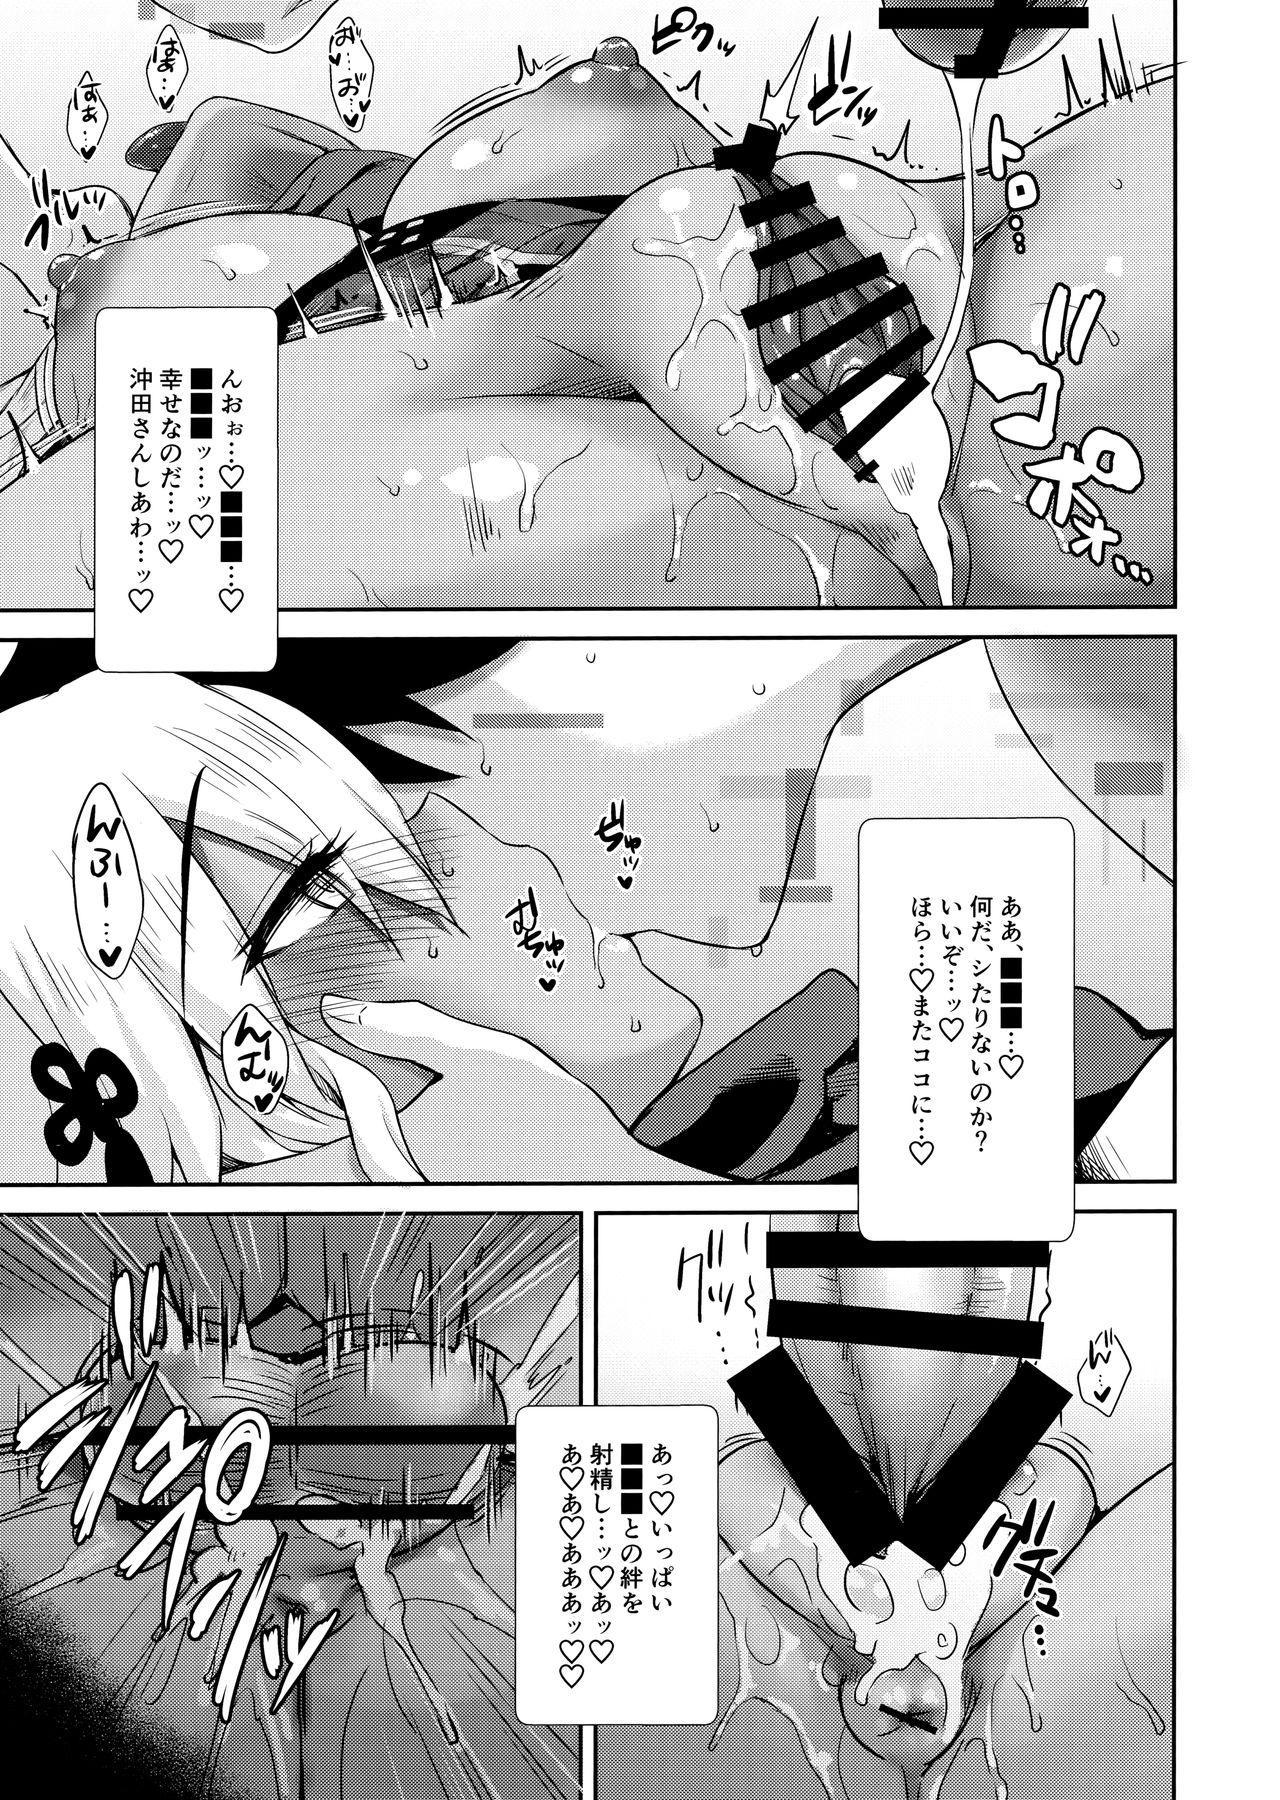 Okita Alter no Tanezuke Shuukai 20